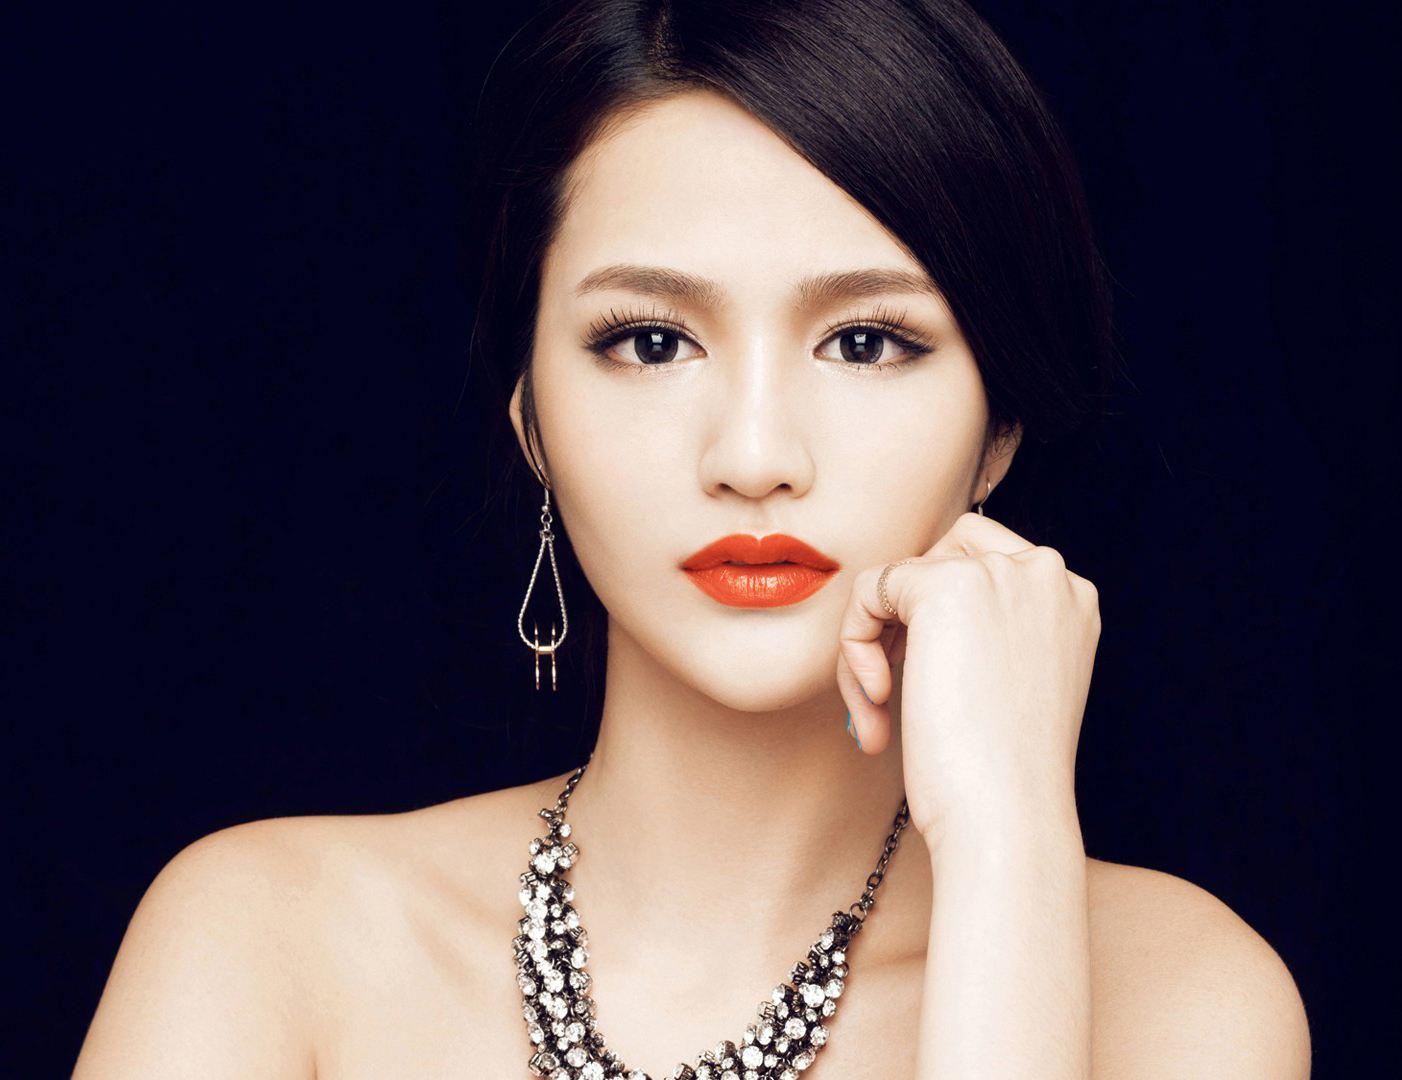 上海美莱埋线双眼皮有哪些优点